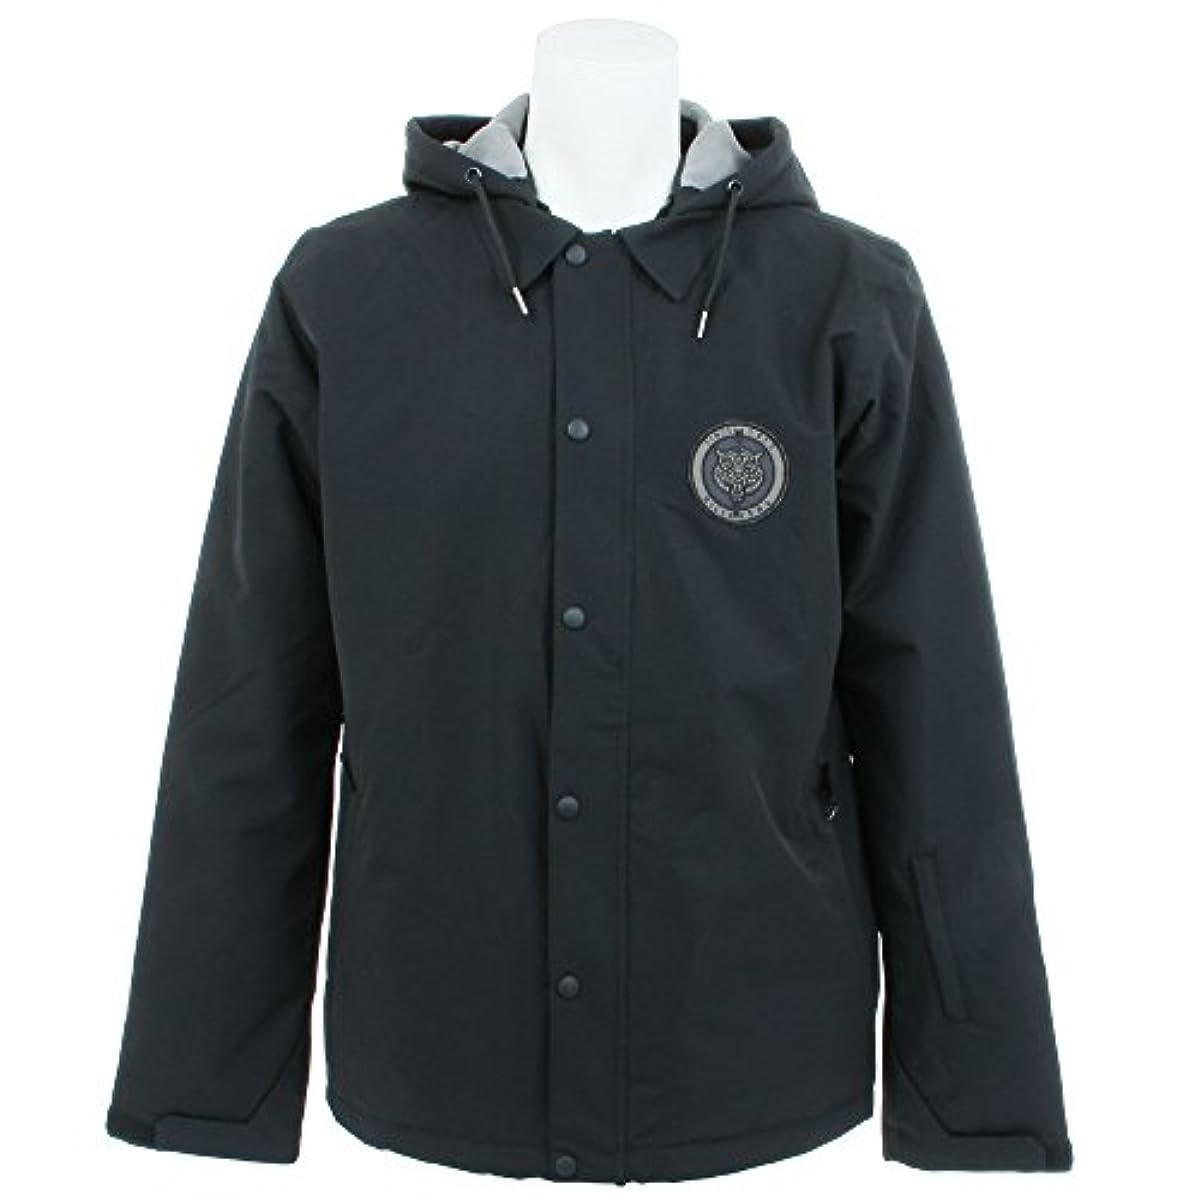 [해외] BILLABONG 빌라봉 스노보드 웨어 재킷 VELOCITY JK 17-18모델 맨즈 AH01M-755